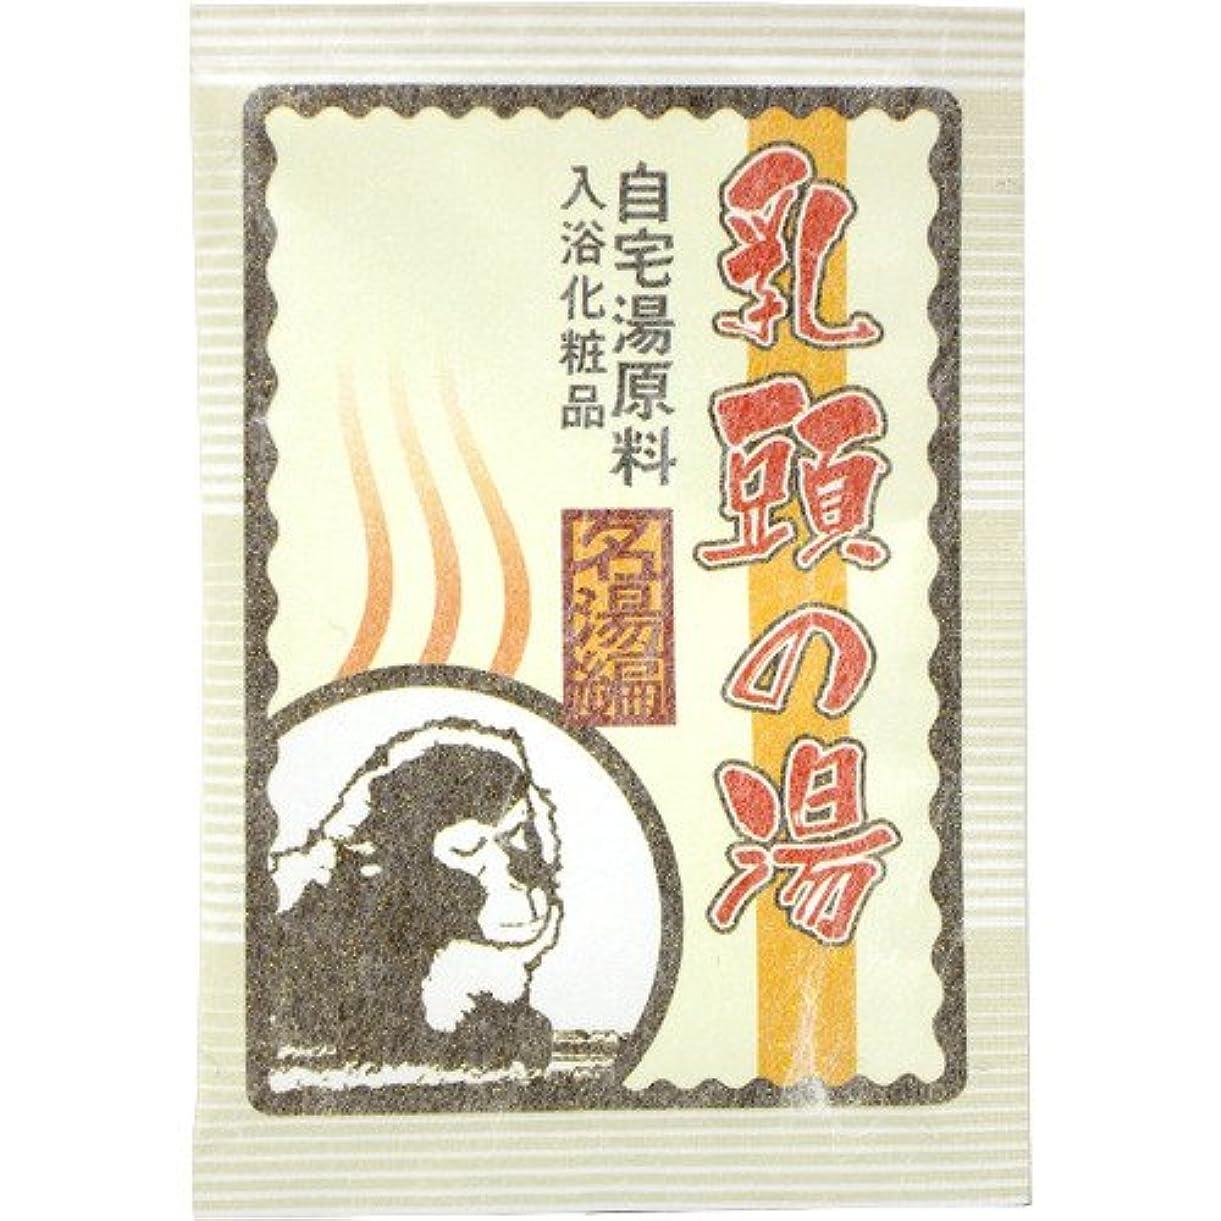 意外バケツ生じる環境科学 自宅湯原料 名湯編 乳頭の湯 30g 4519445310200